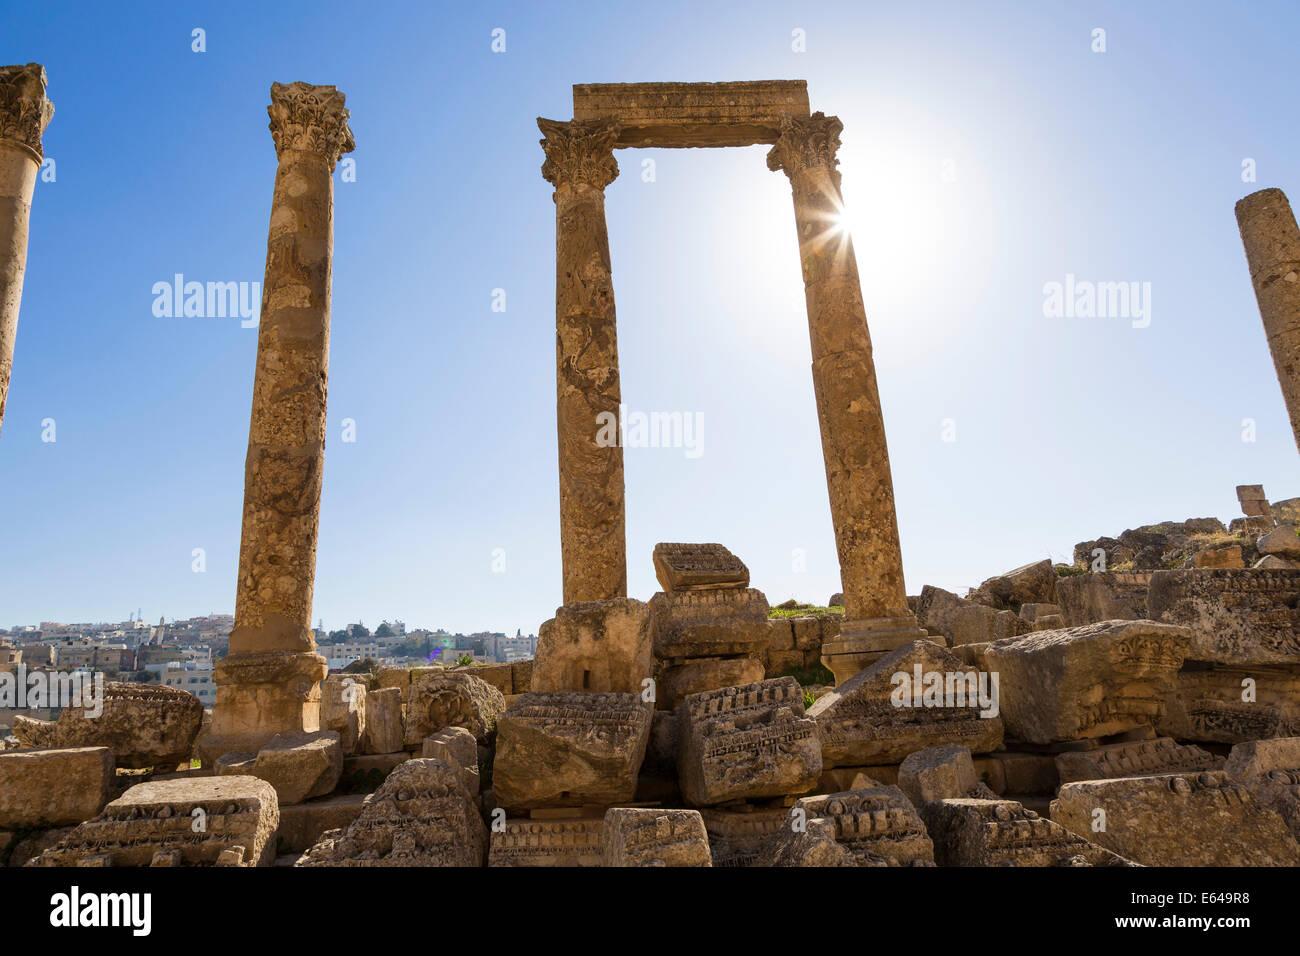 Cardo Maximus, Colonnaded Street, Roman ruins, Jerash, Jordan - Stock Image